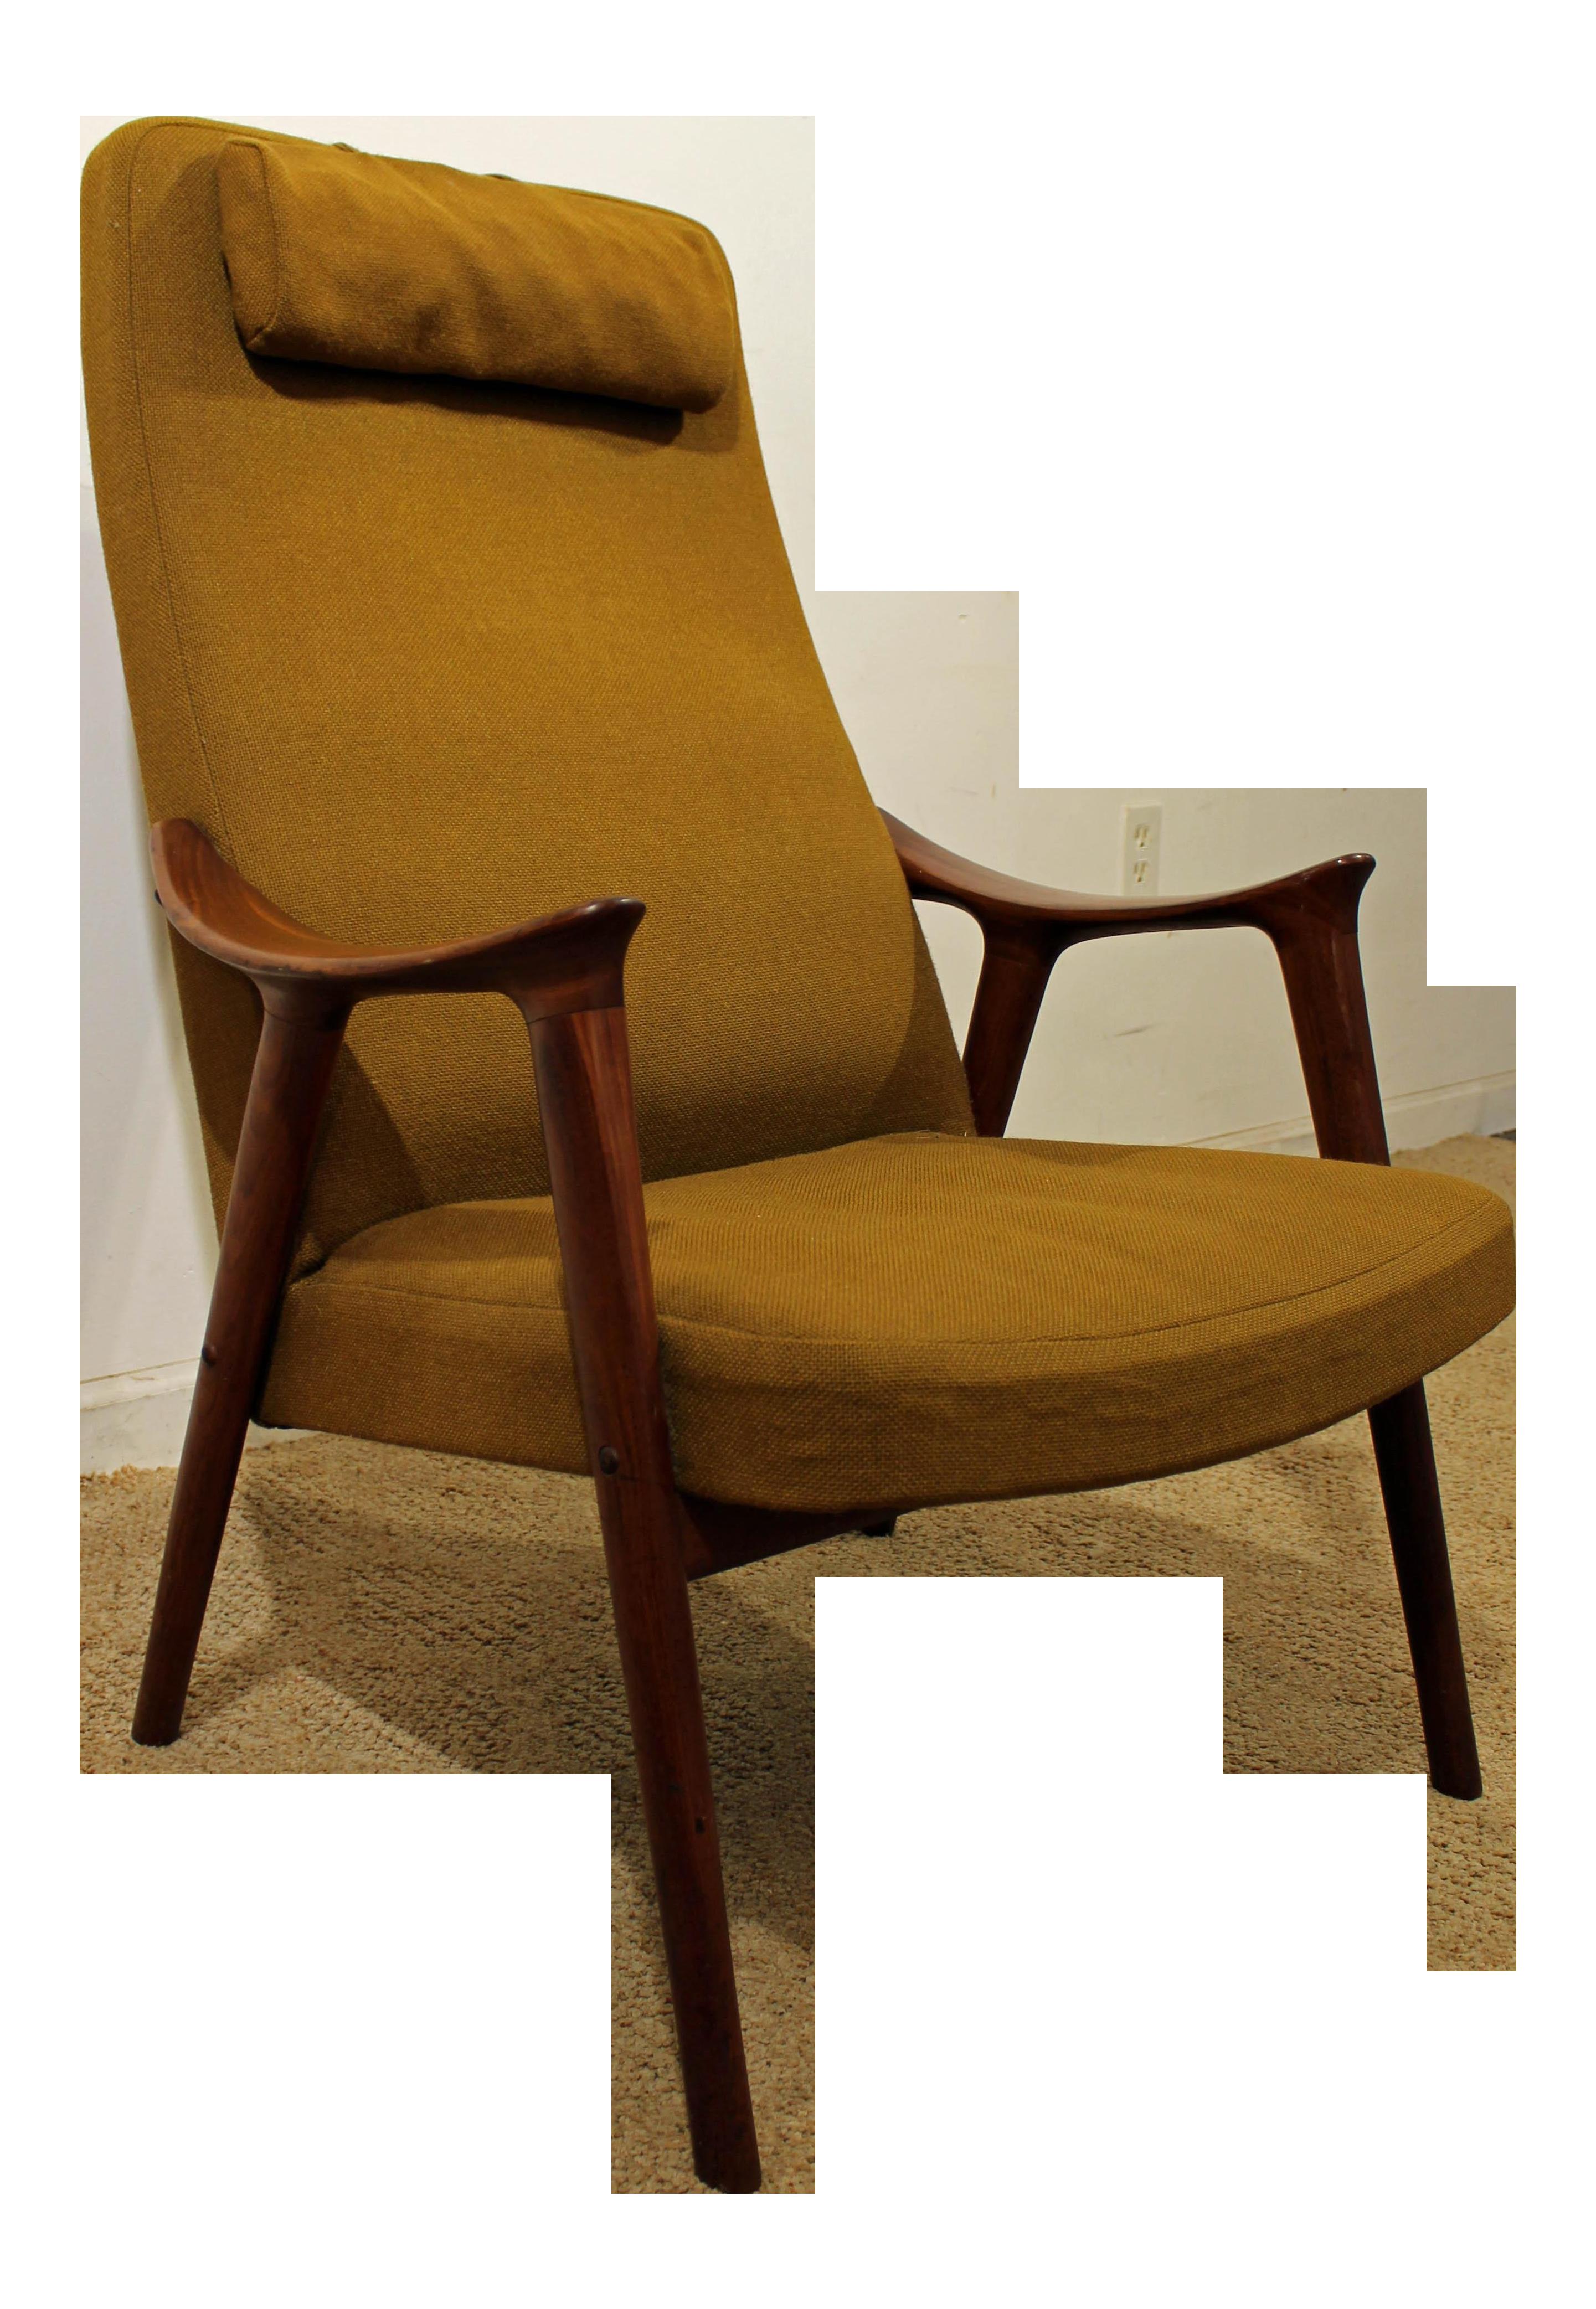 Chairish Prod.freetls.fastly.net/image/product/siz...